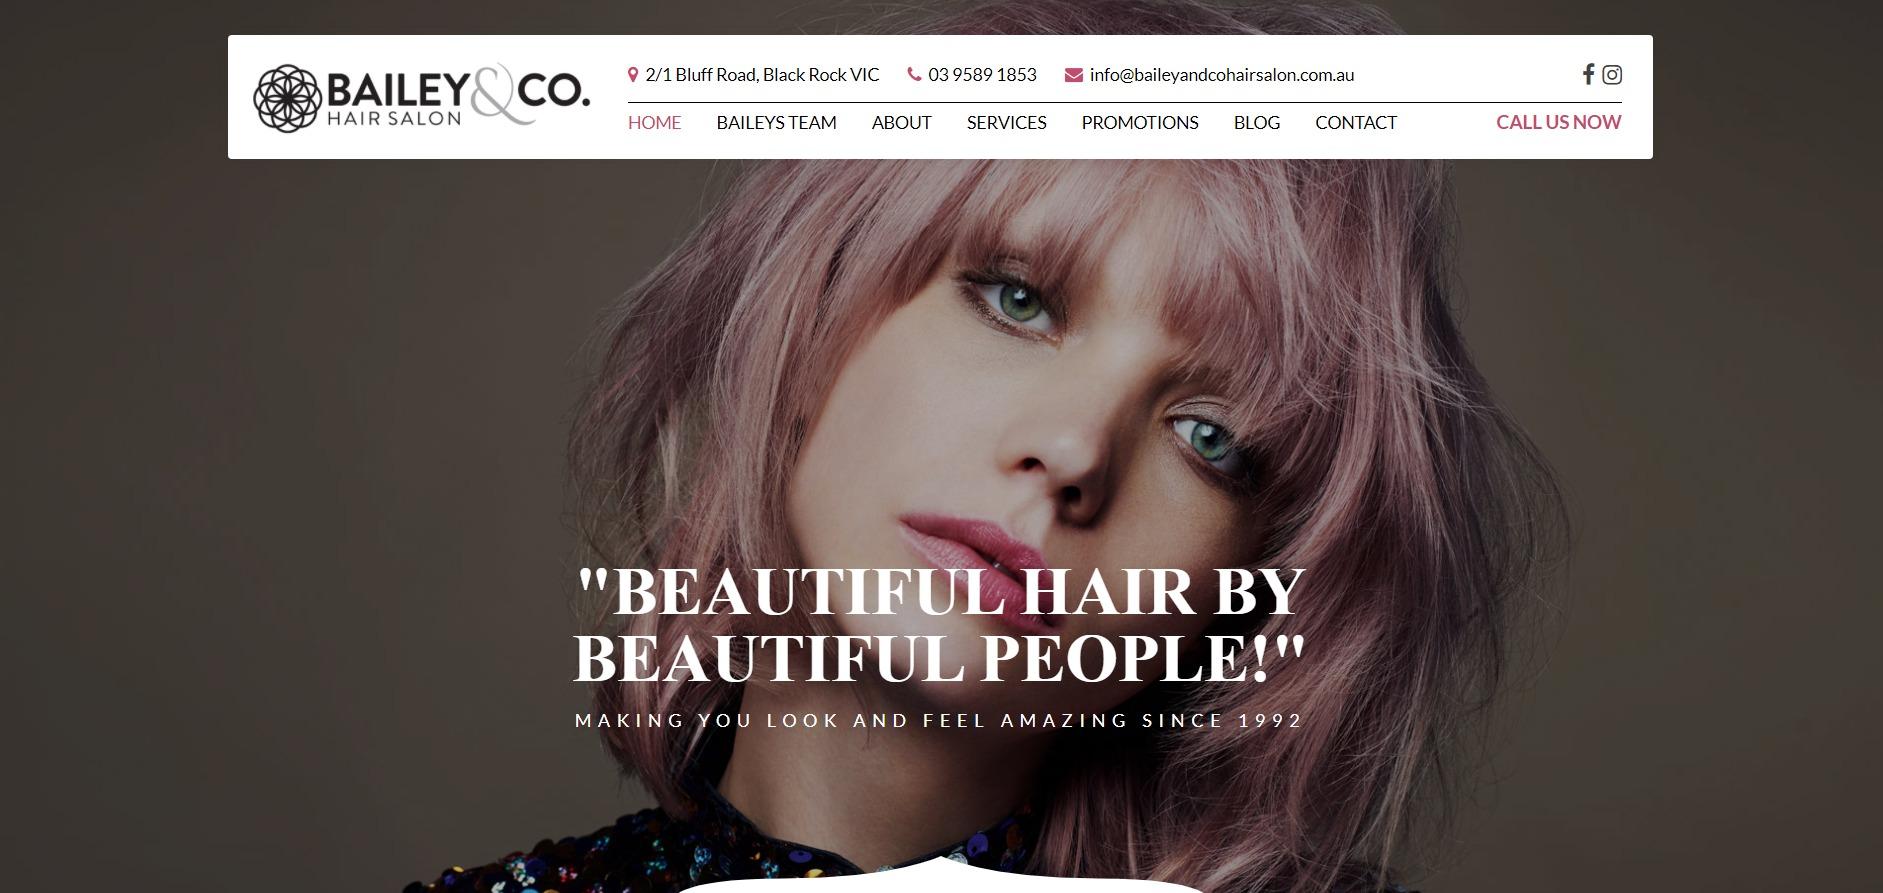 Bailey & Co. Hair Salon